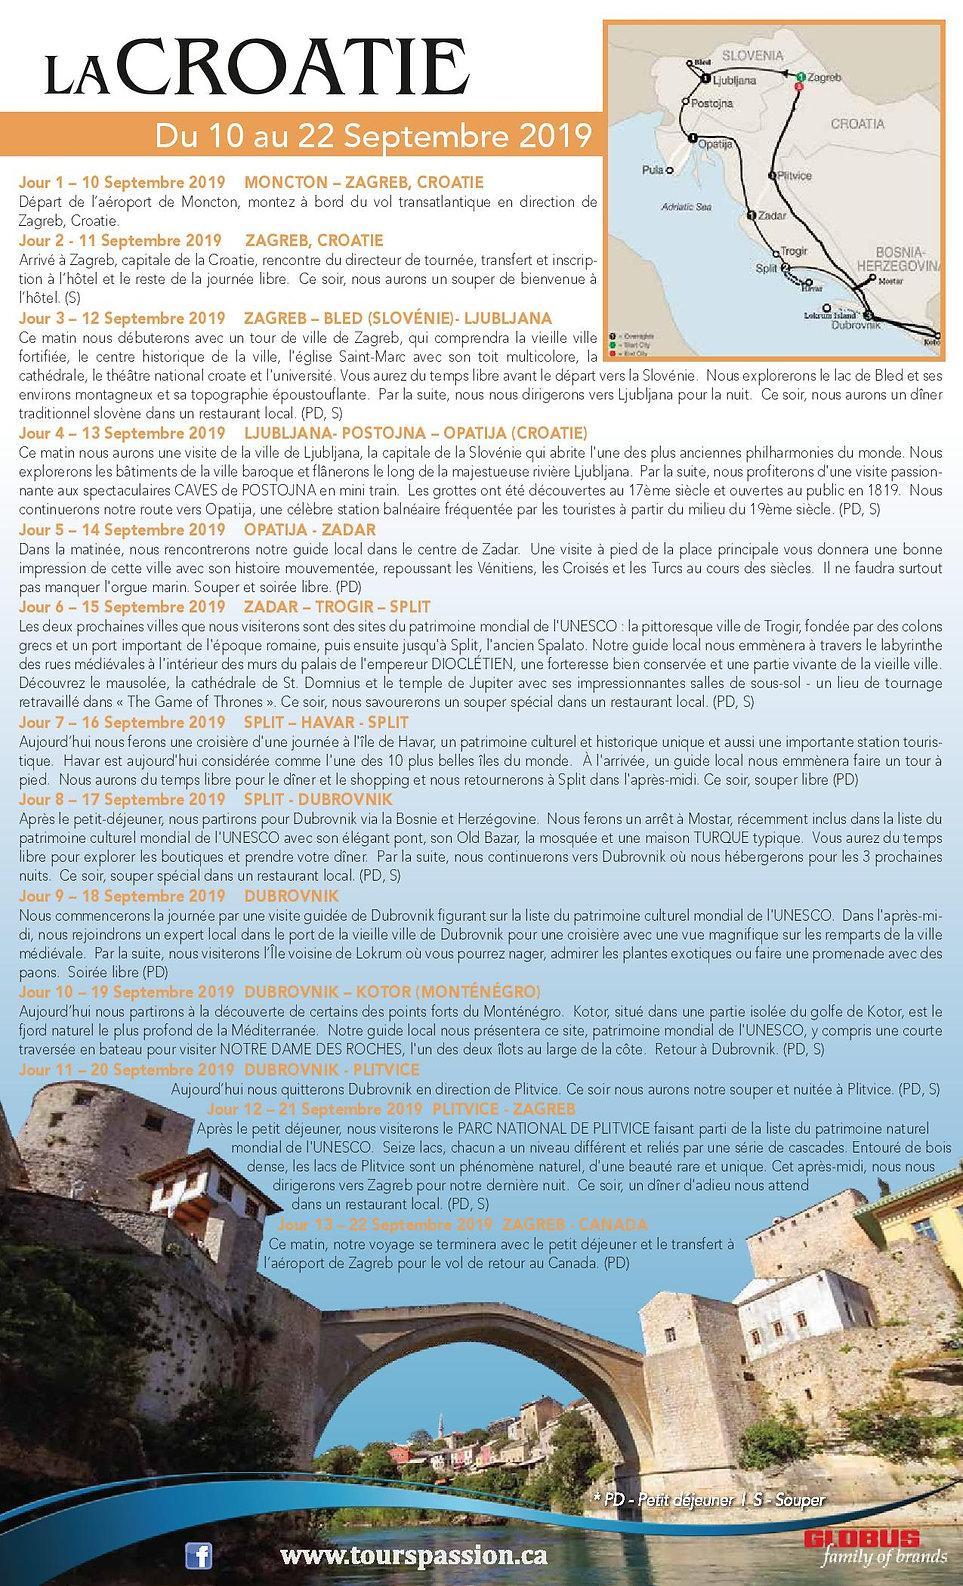 Brochure La Croatie 2019-page-002.jpg